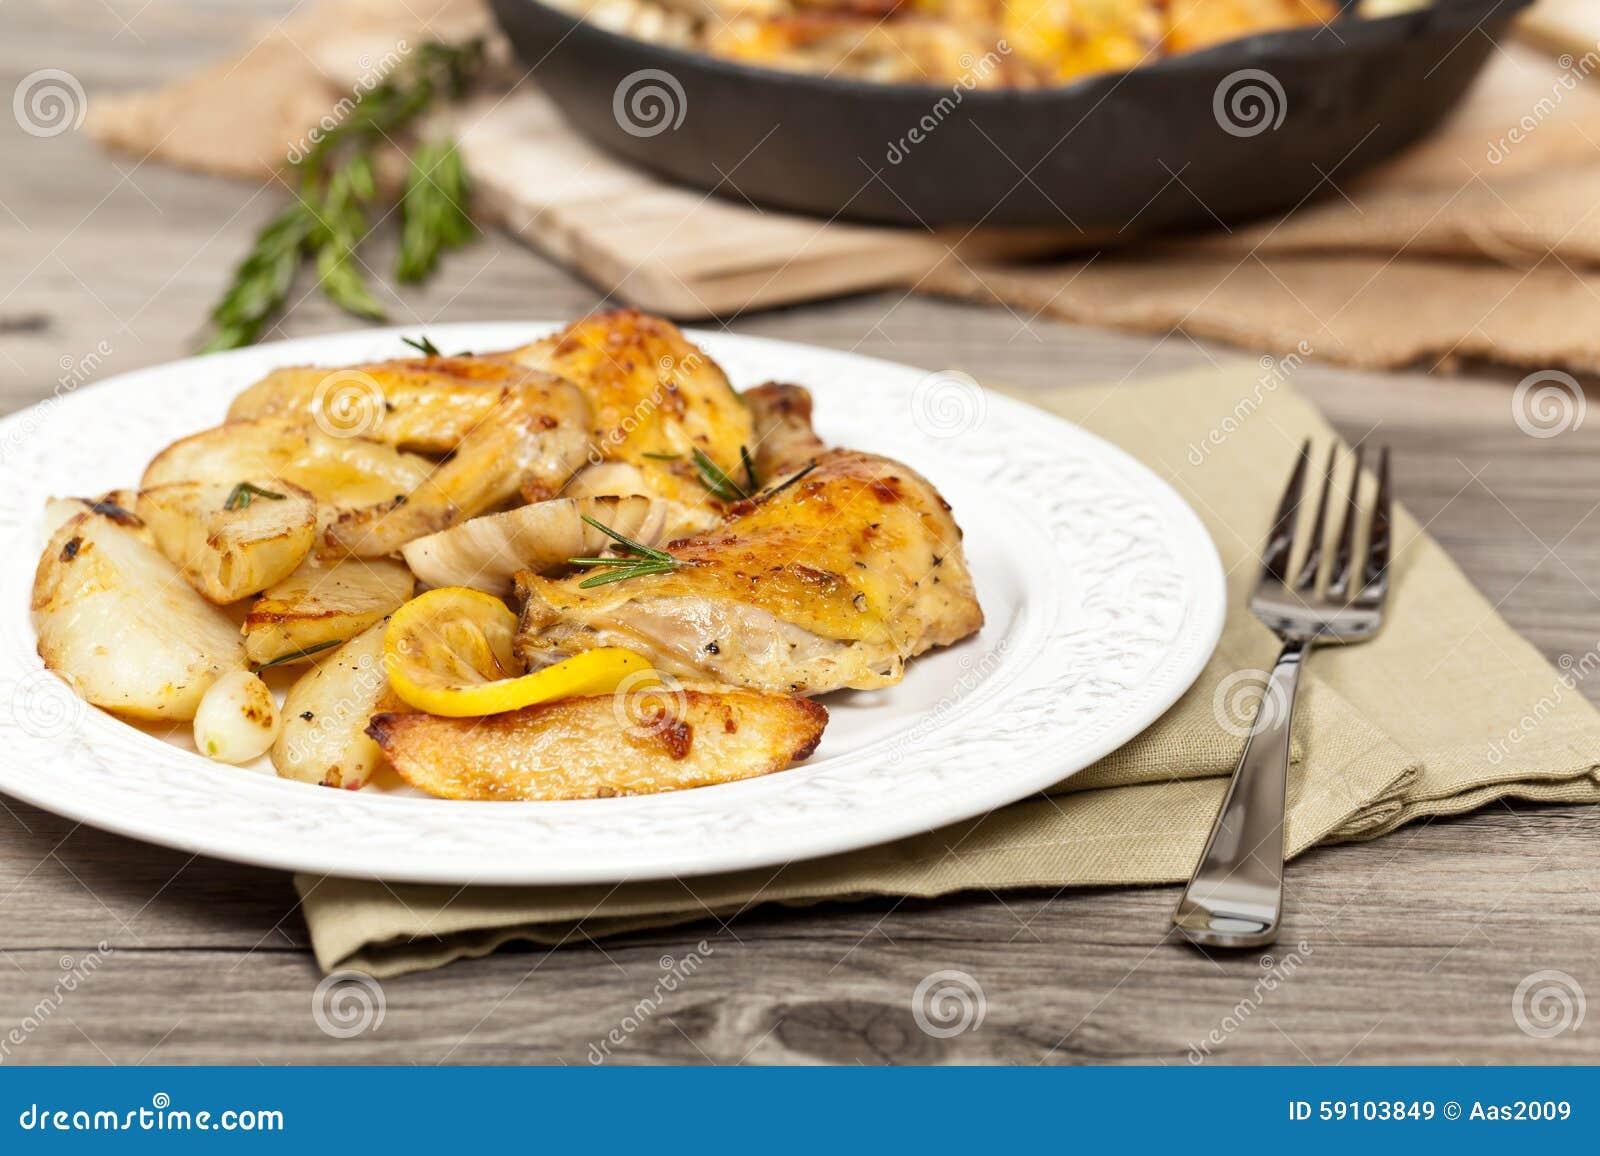 烤鸡用大蒜